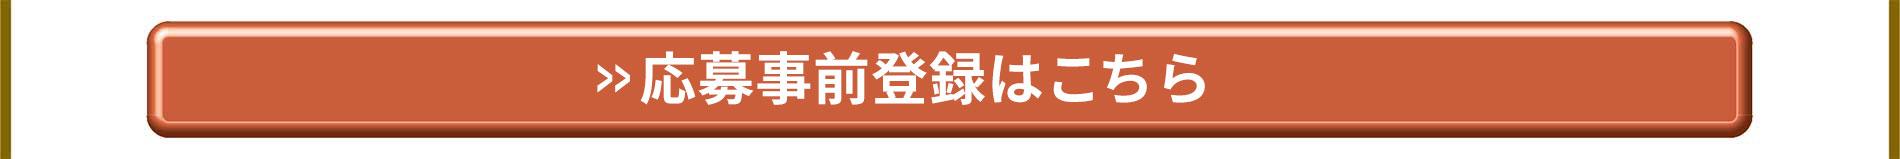 東京メトロ・スタンプポイント